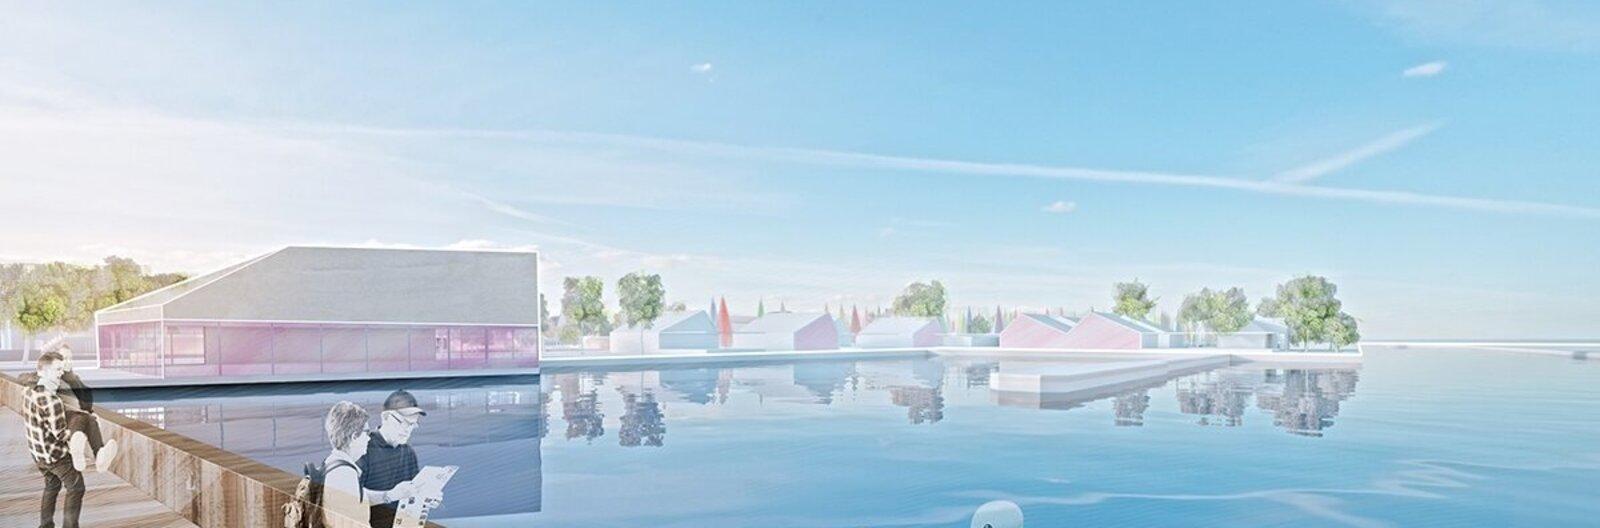 Ilyen is lehetne a Balaton környéke – A Média Építészeti Díj 10 balatoni jelöltje